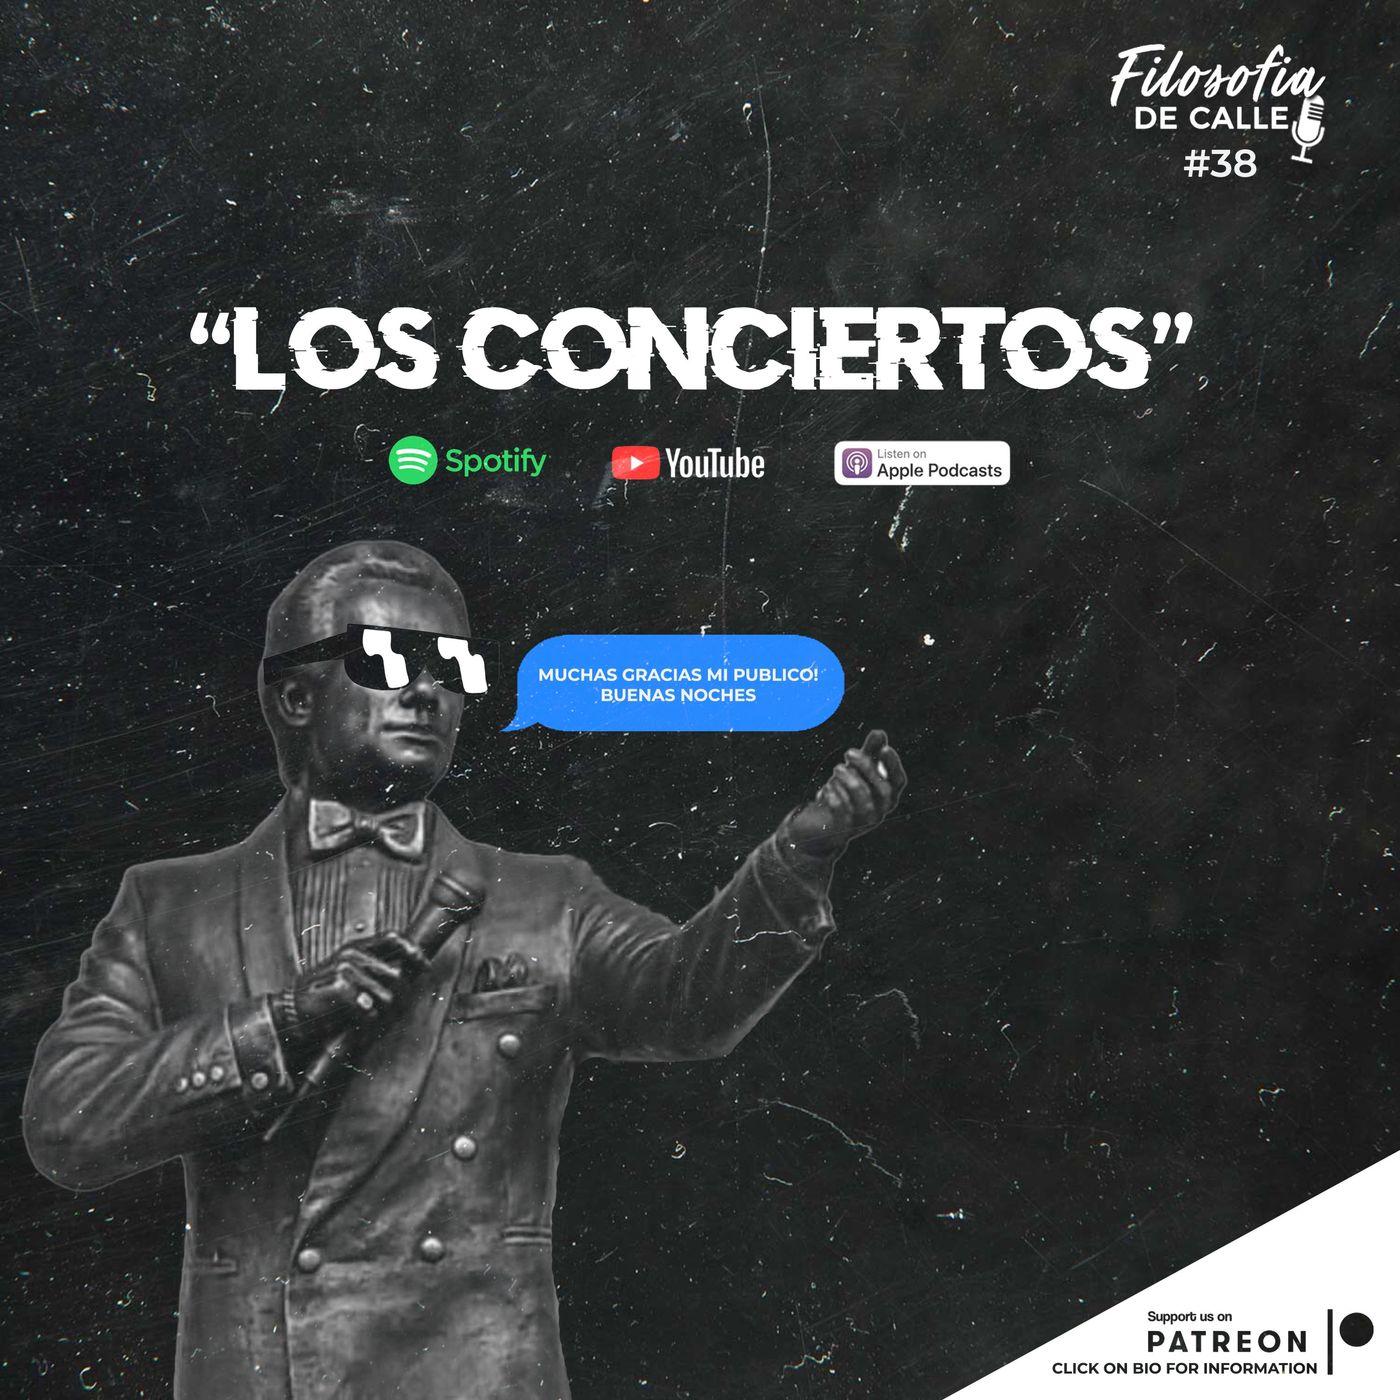 038. LOS CONCIERTOS